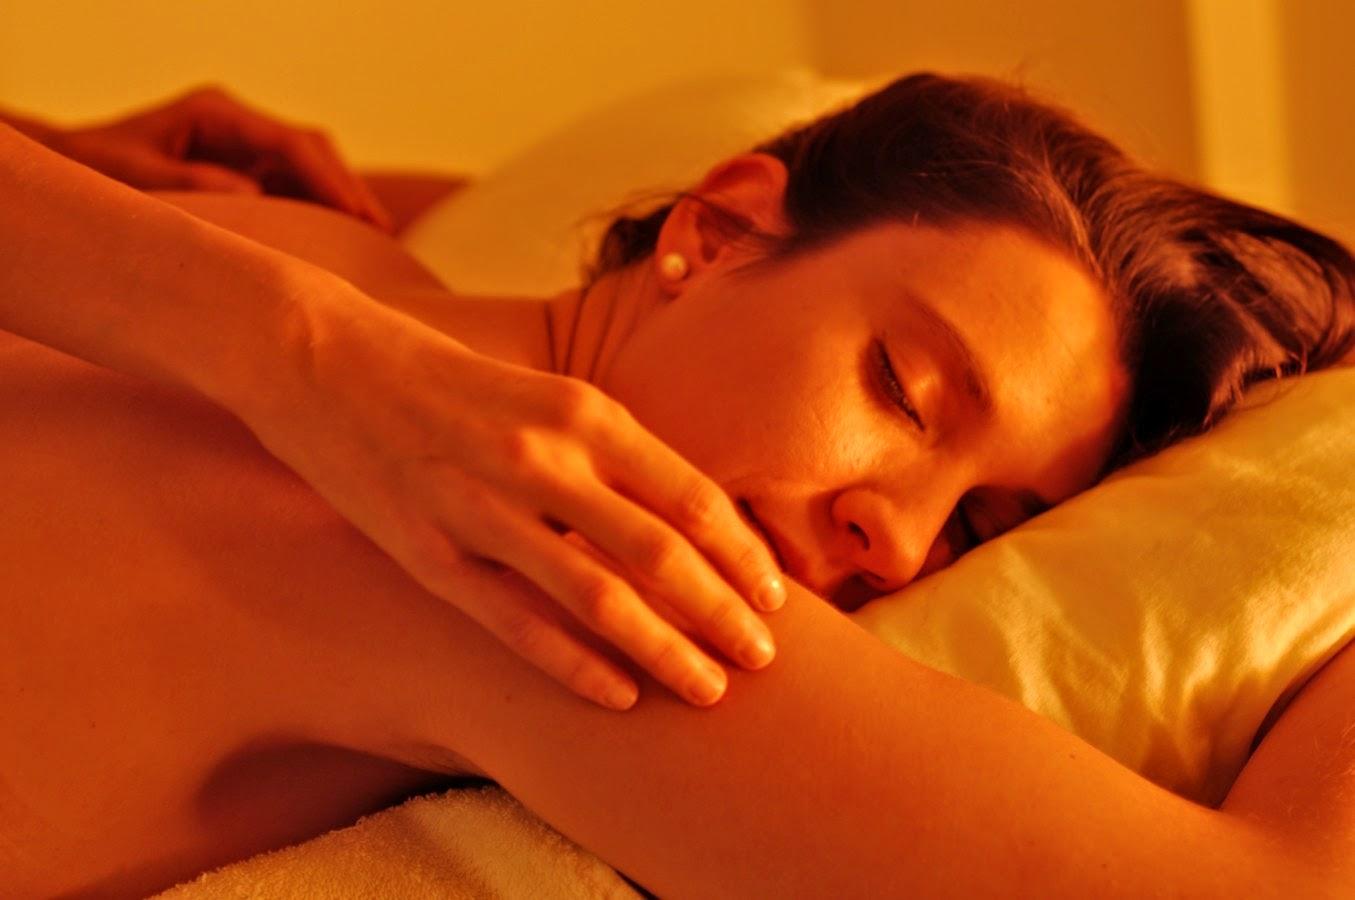 Cosquillearte y disfruta de las cosquillas relajantes de manos expertas